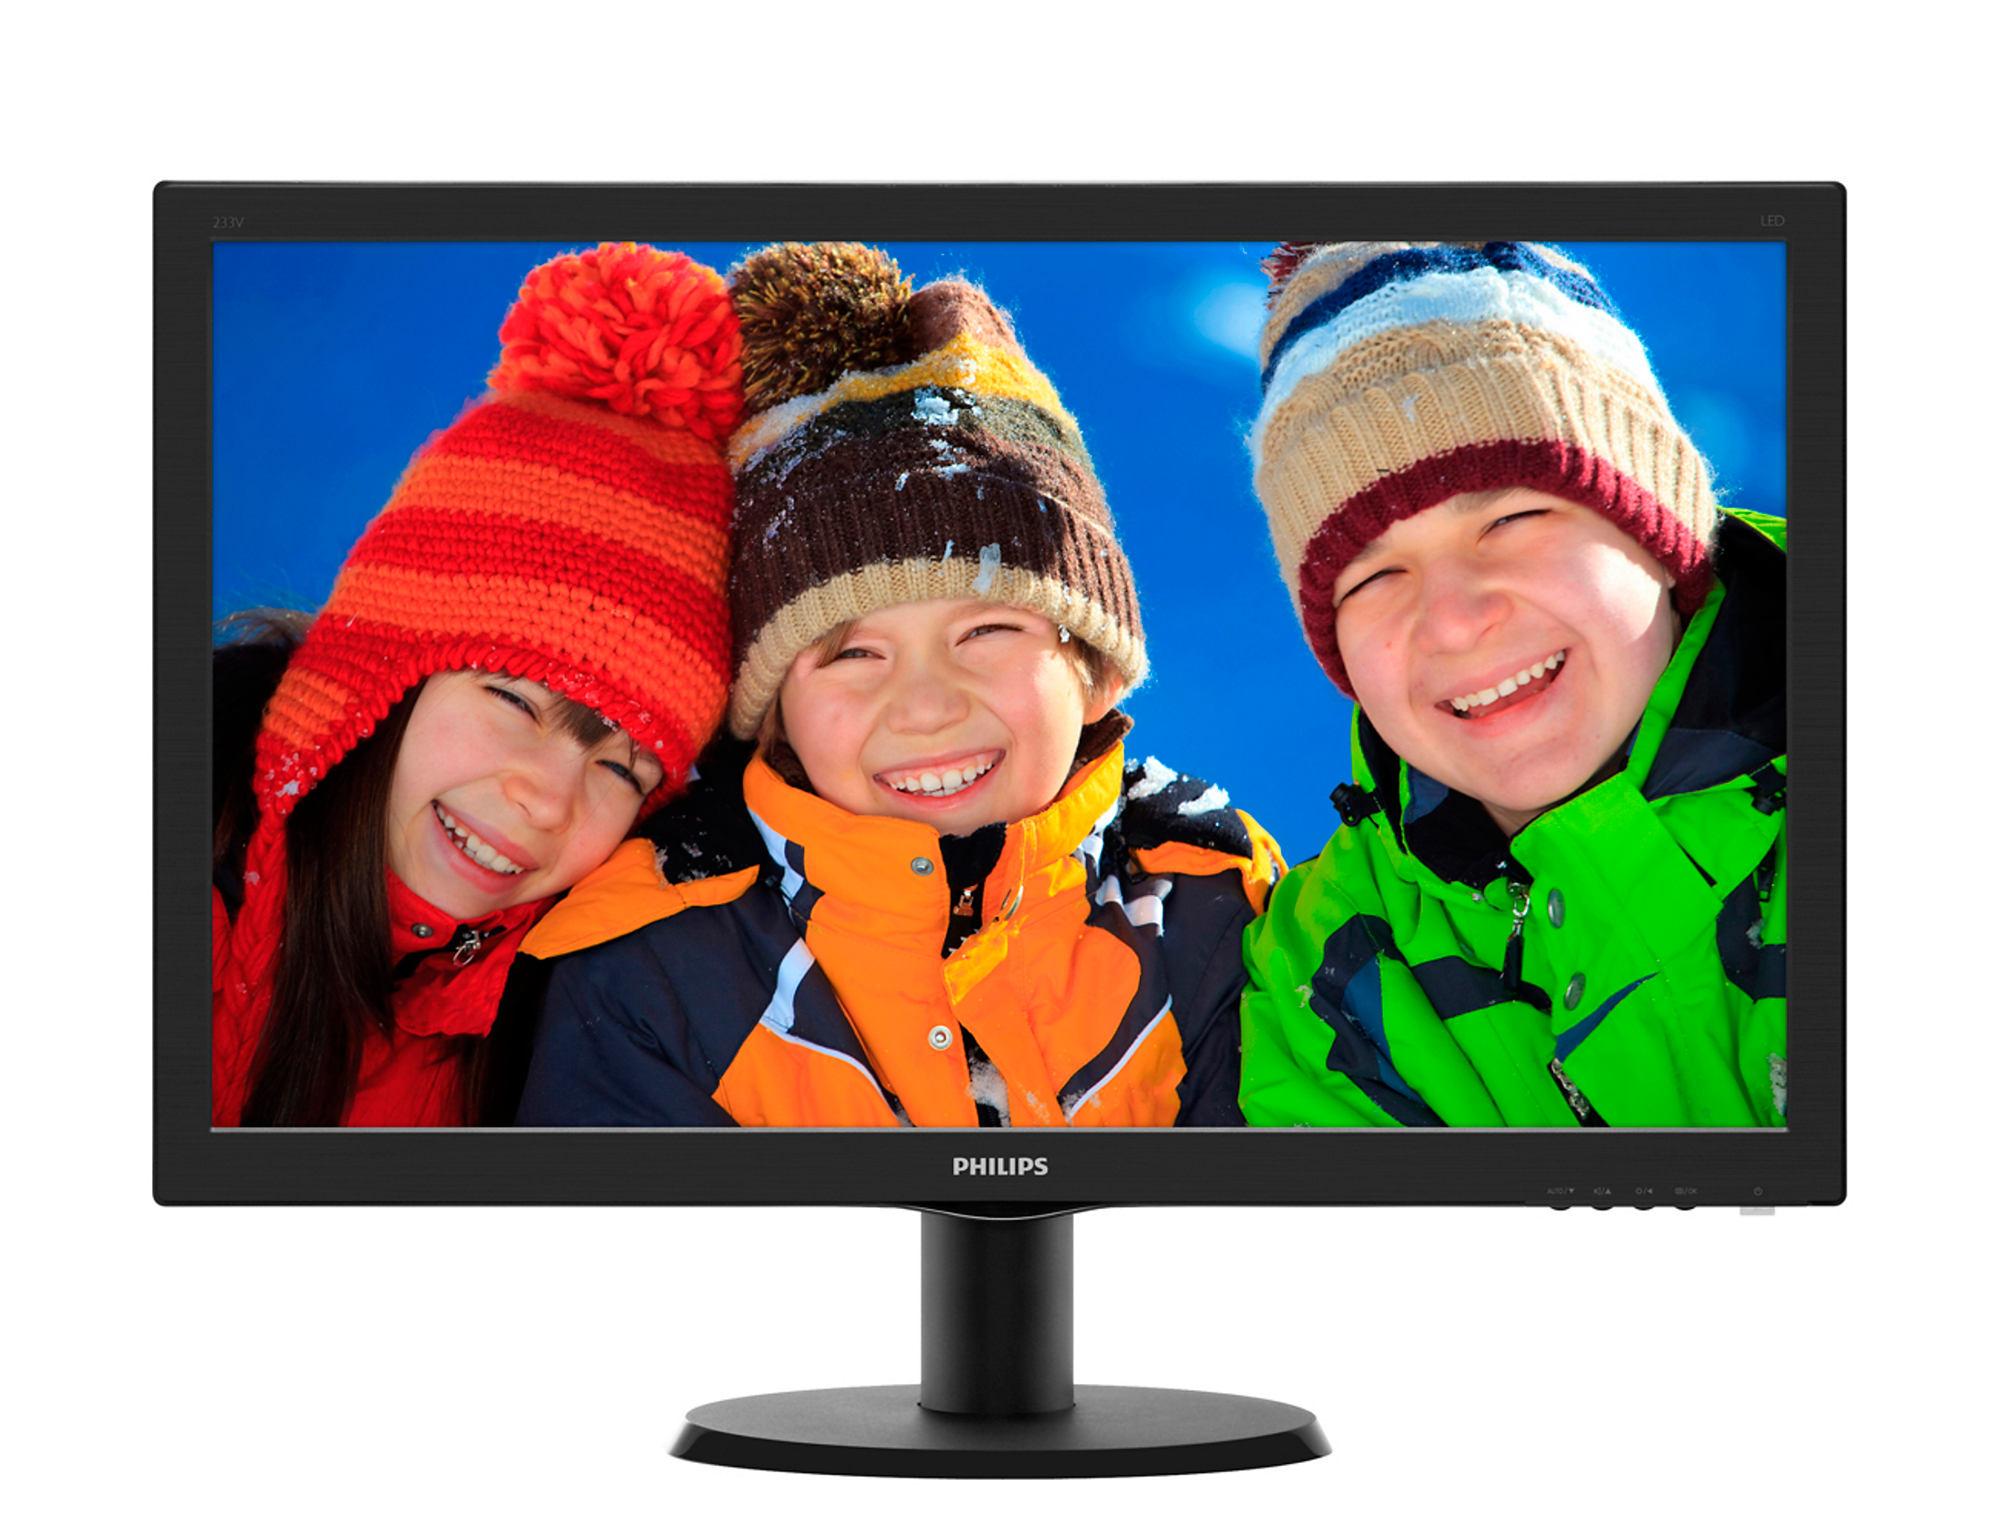 Monitor LED Philips 233V5LHAB 23 1920x1080 16:9 negru lucios